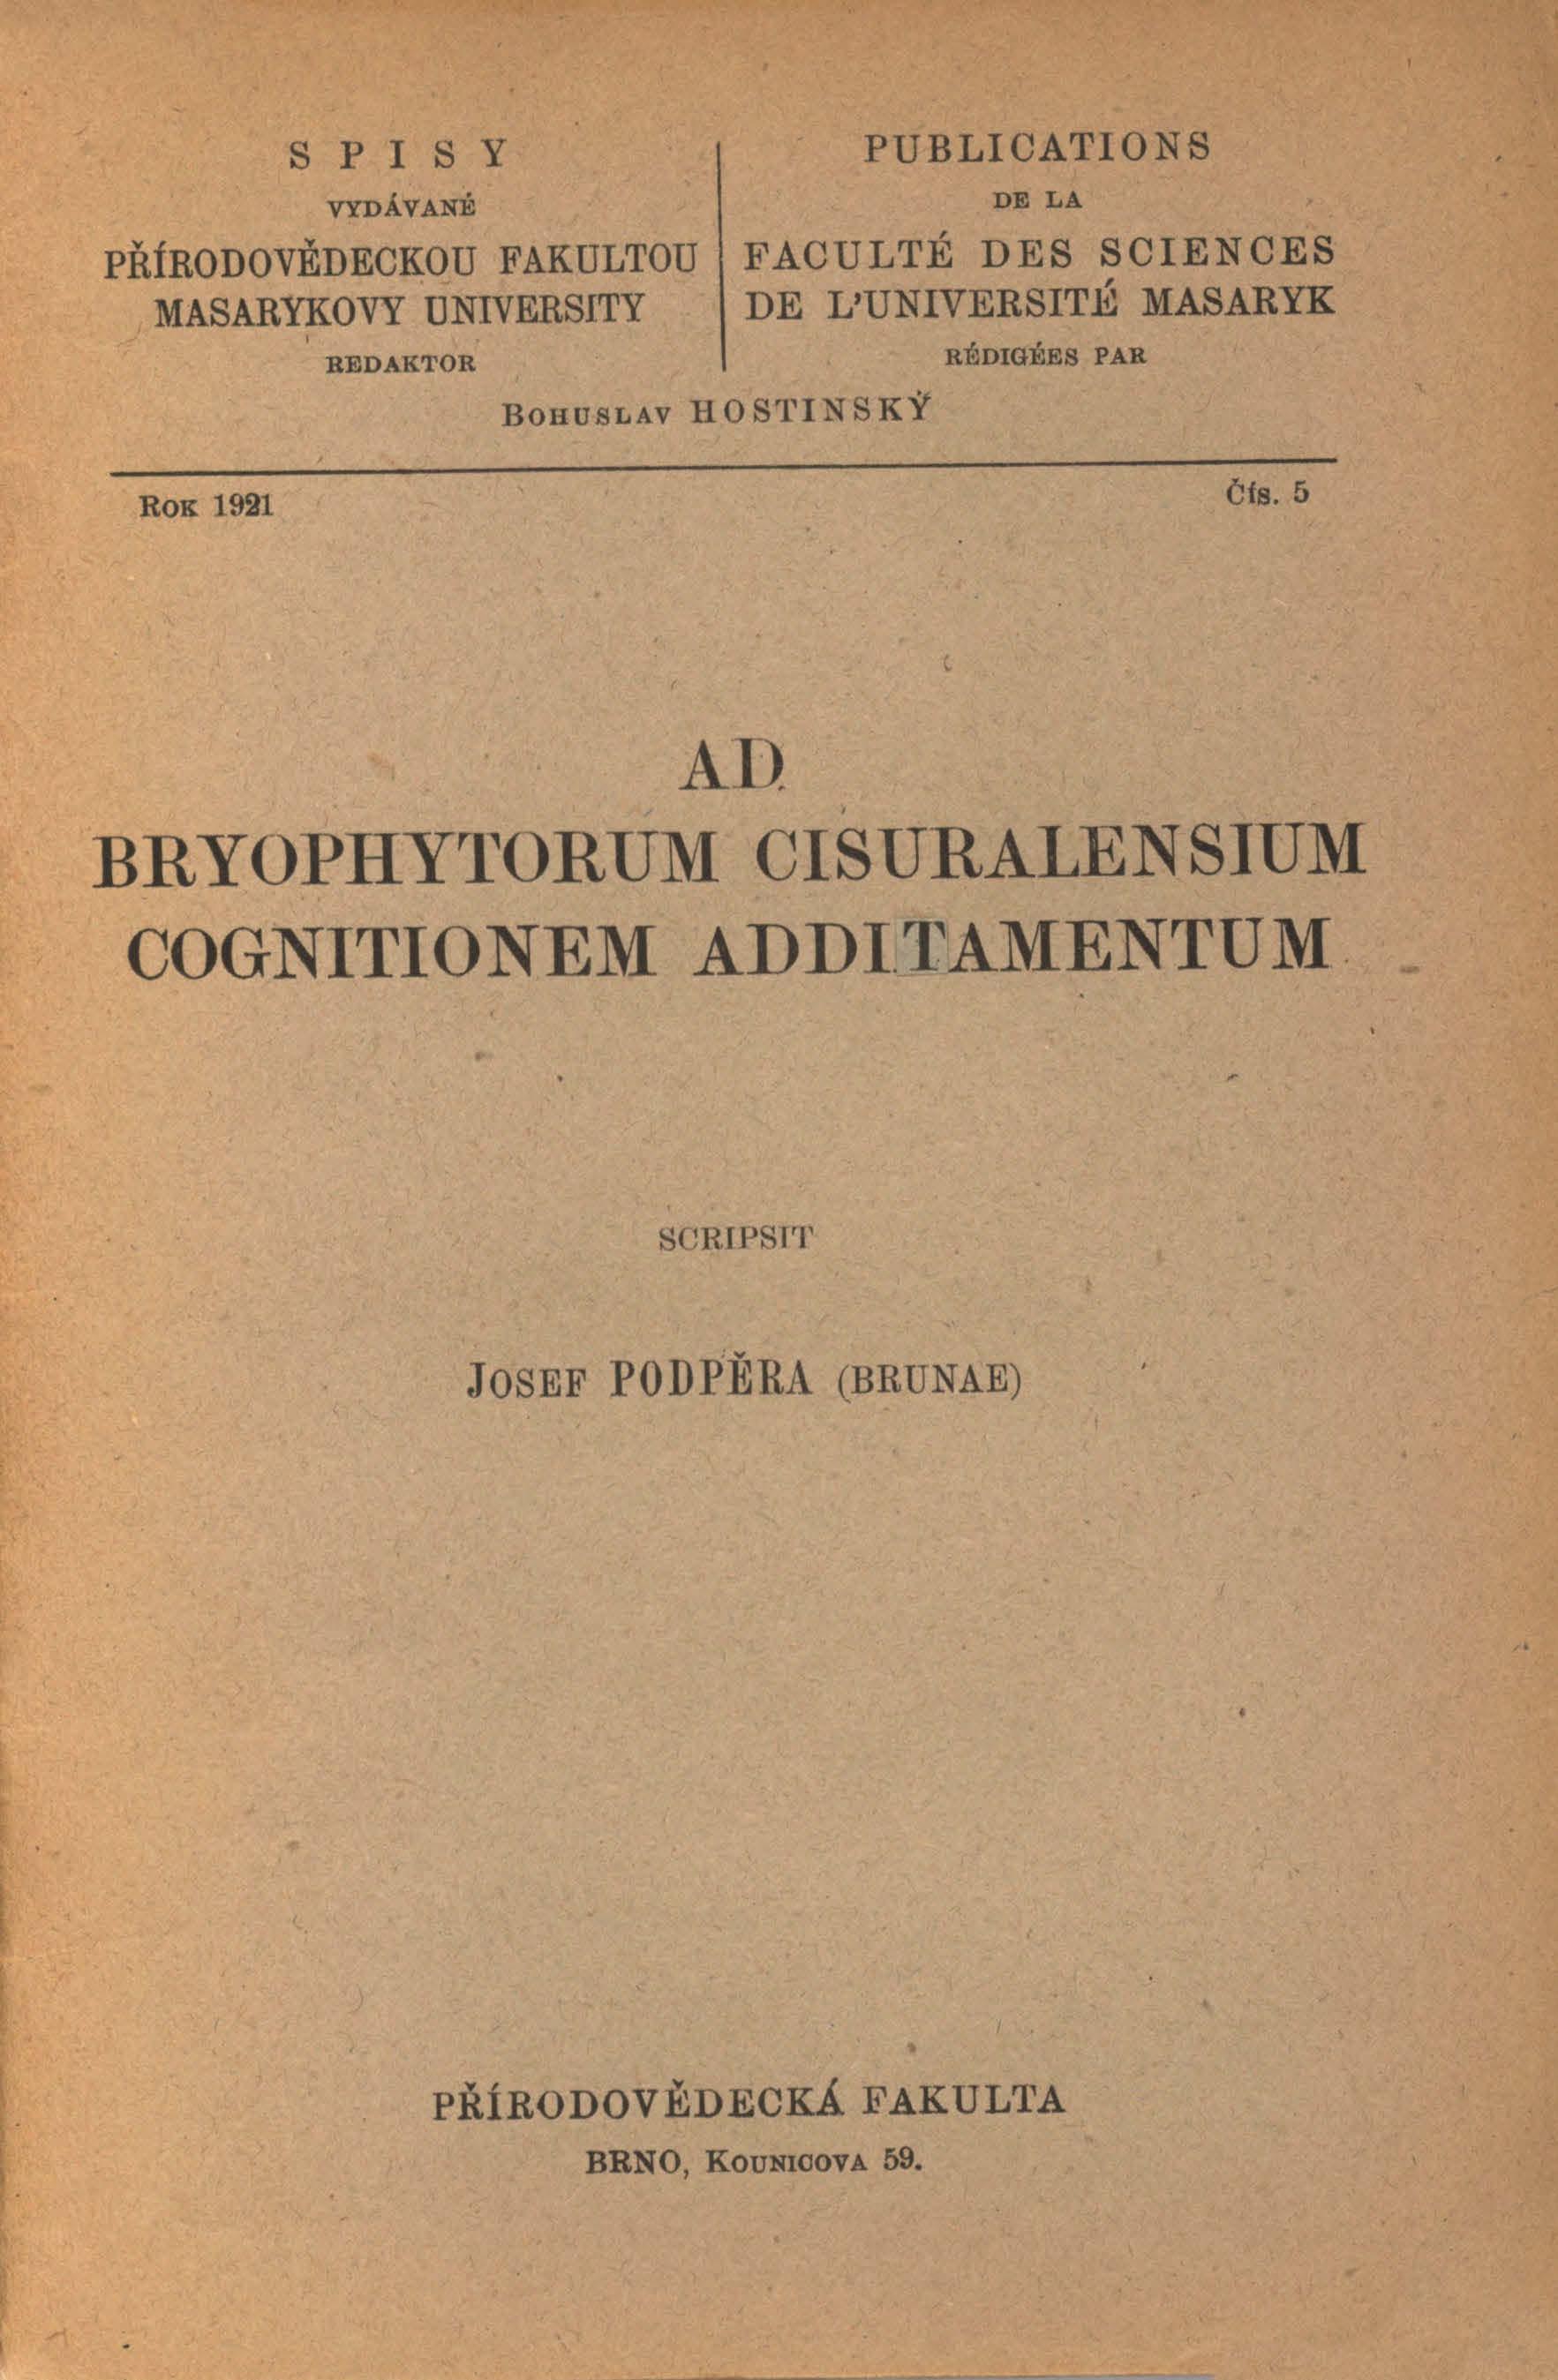 Obálka pro Ad bryophytorum cisuralensium cognitionem additamentum